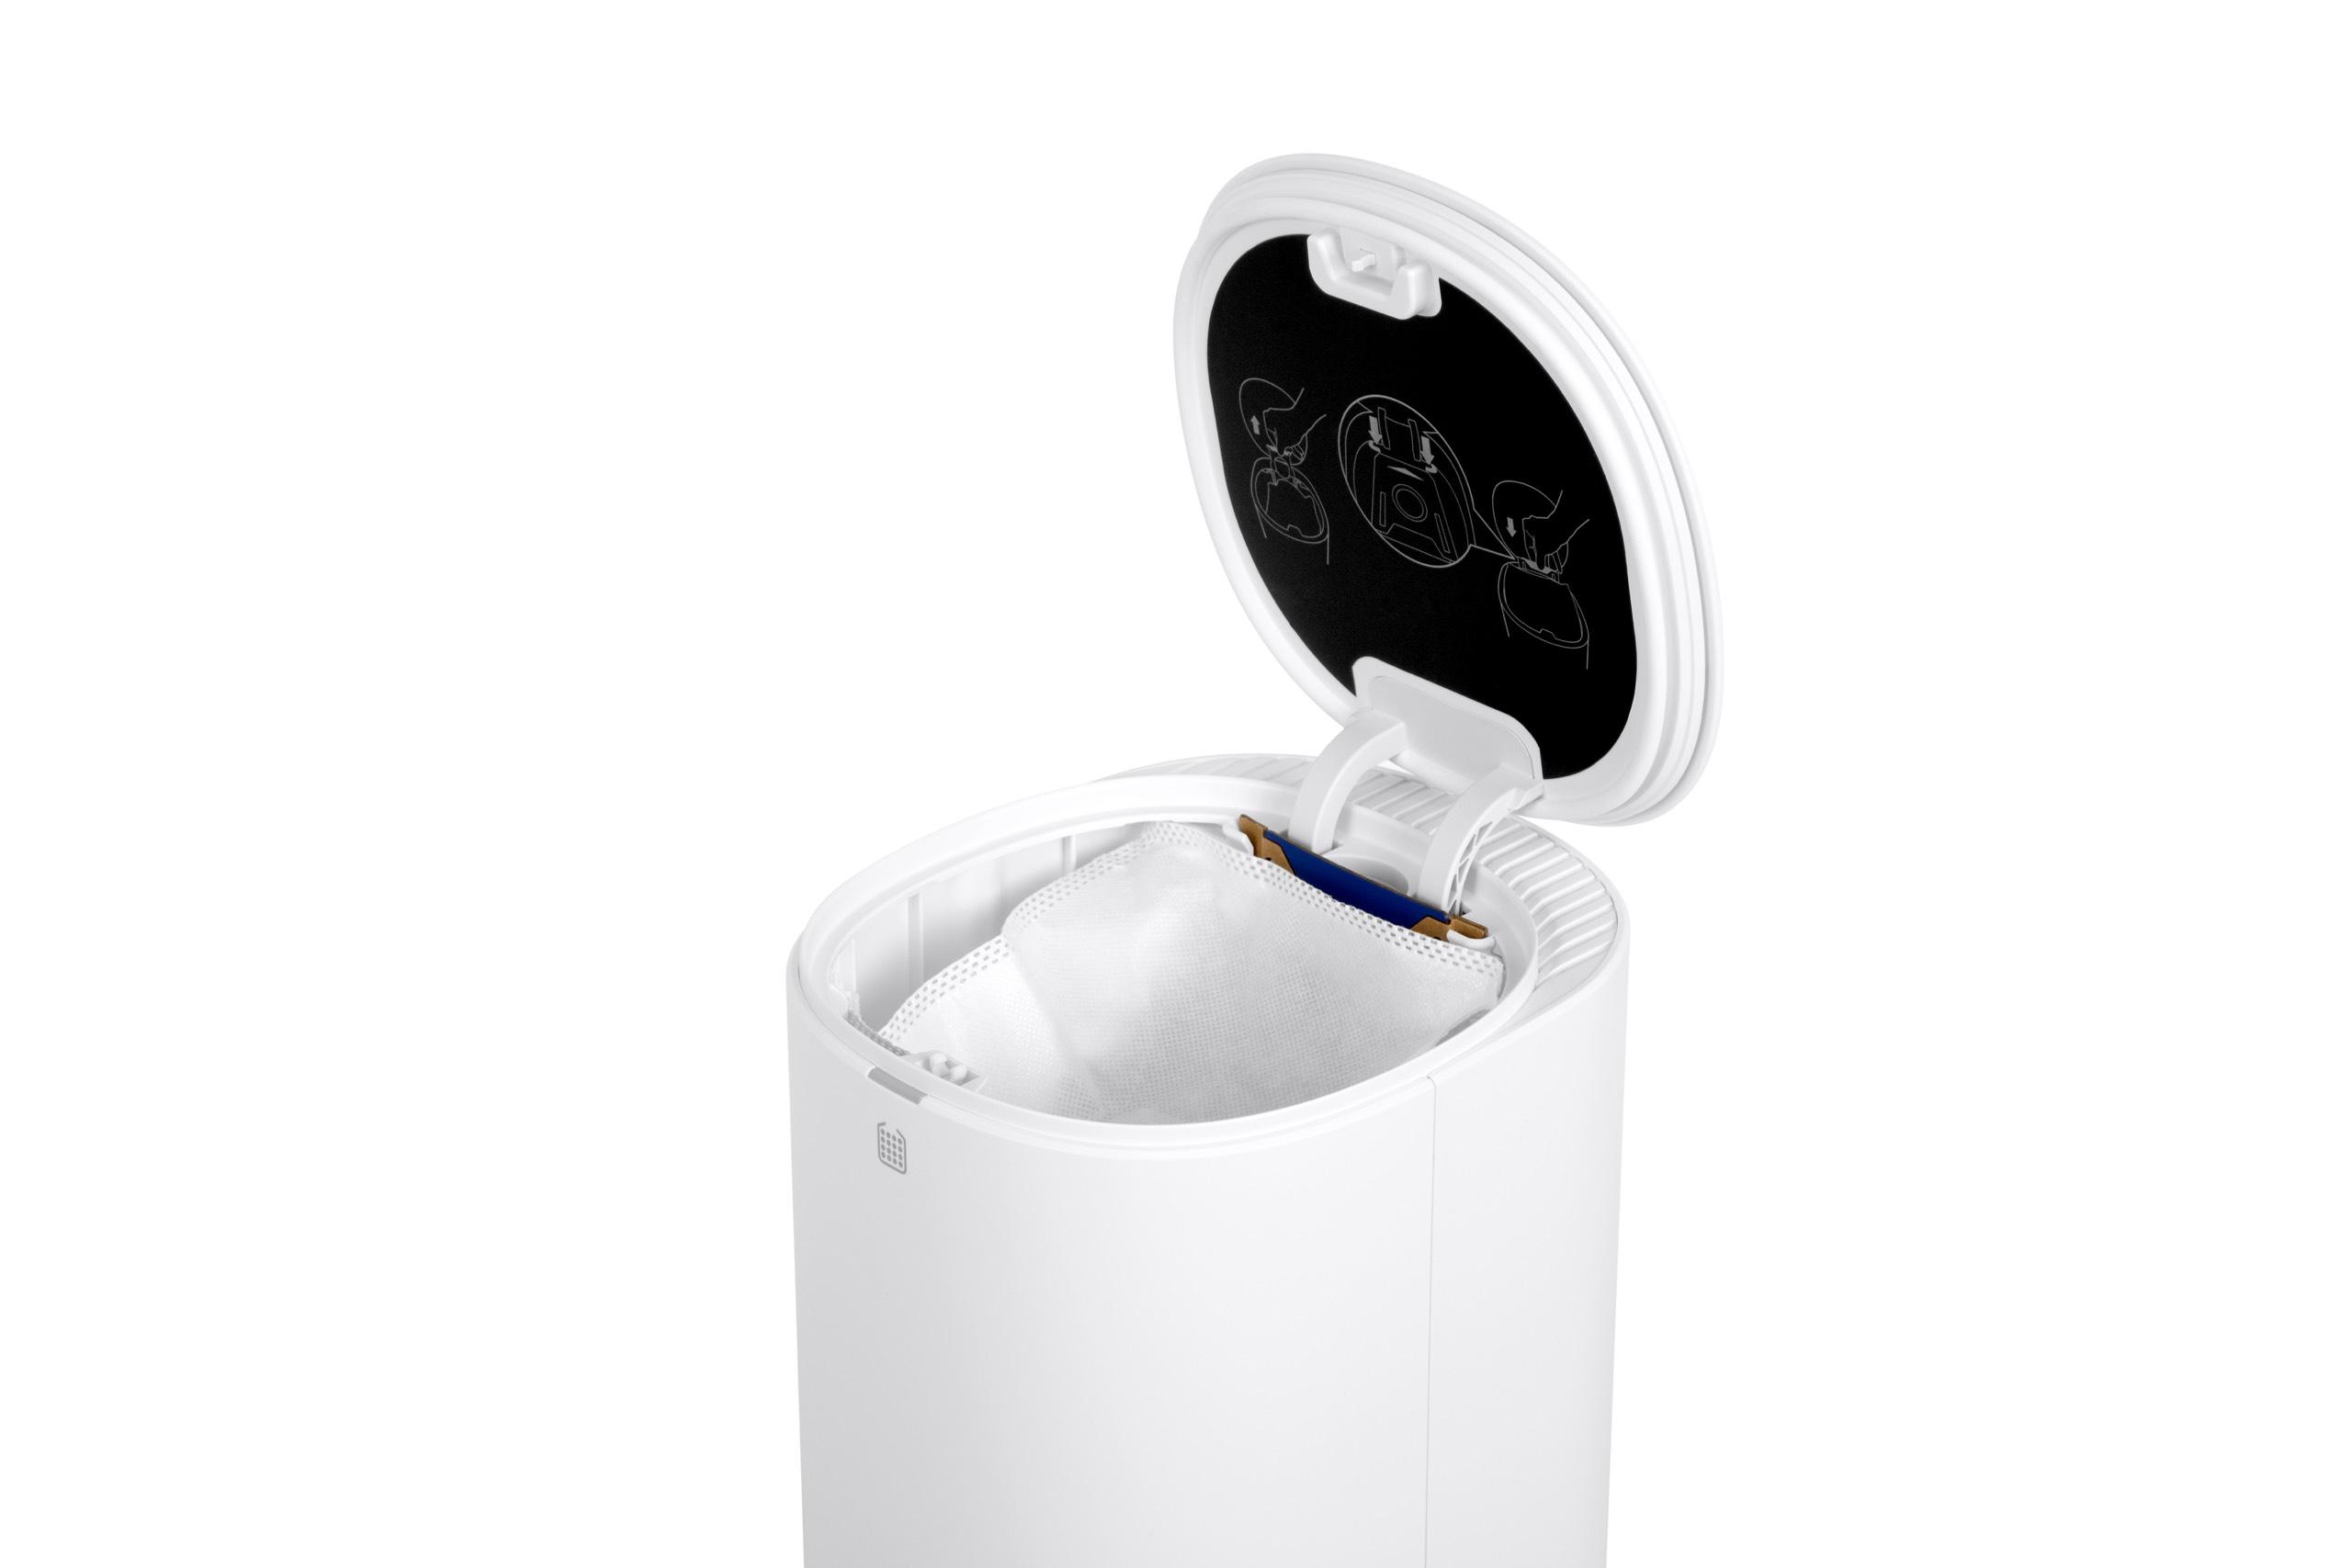 Dock sạc hút rác tự động cho robot hút bụi lau nhà Ecovacs Deebot N8 Pro/T9